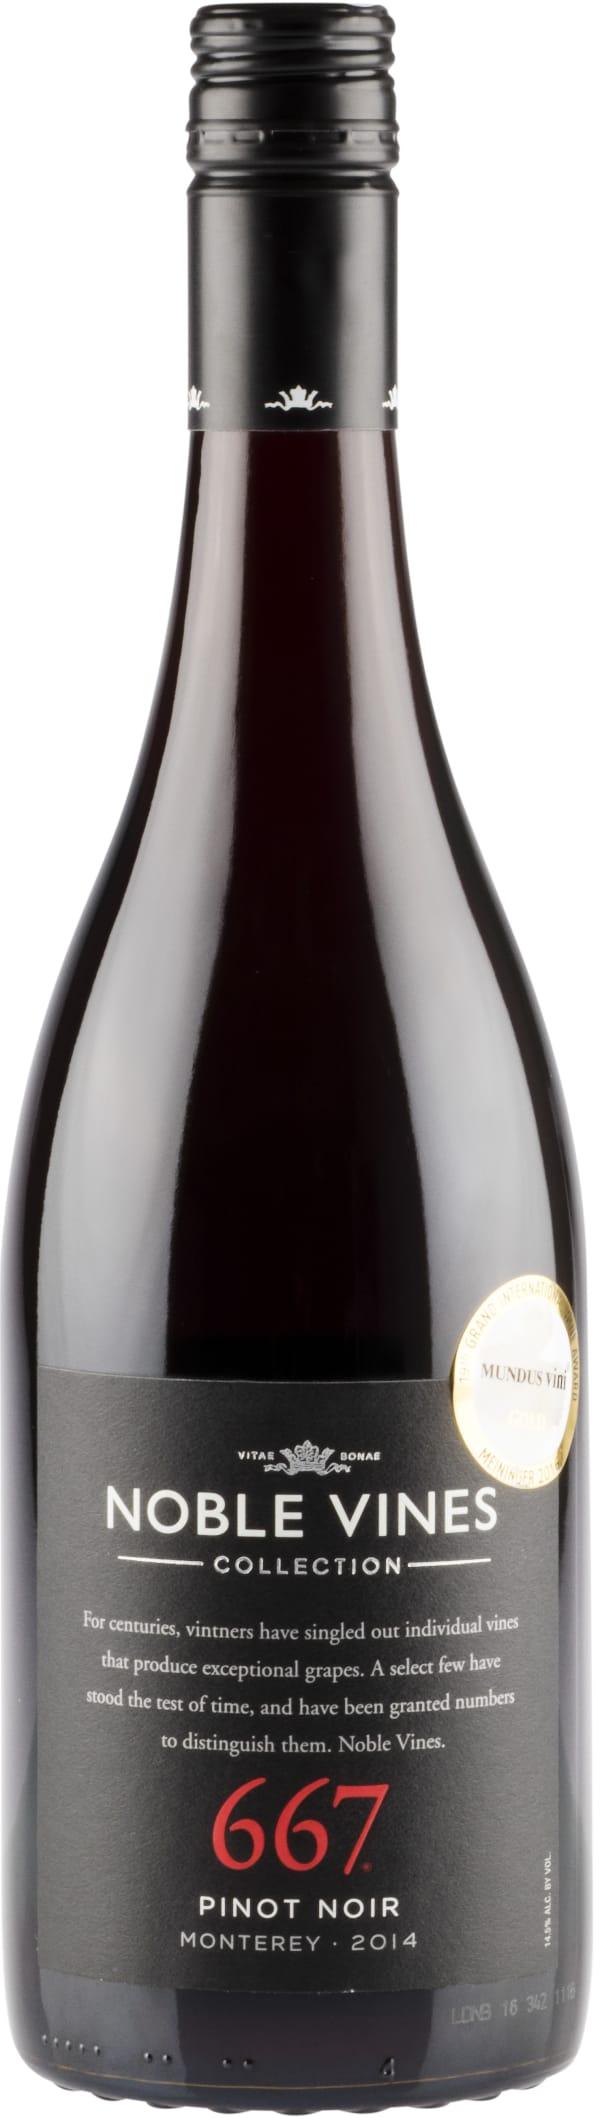 Noble Vines 667 Pinot Noir 2014